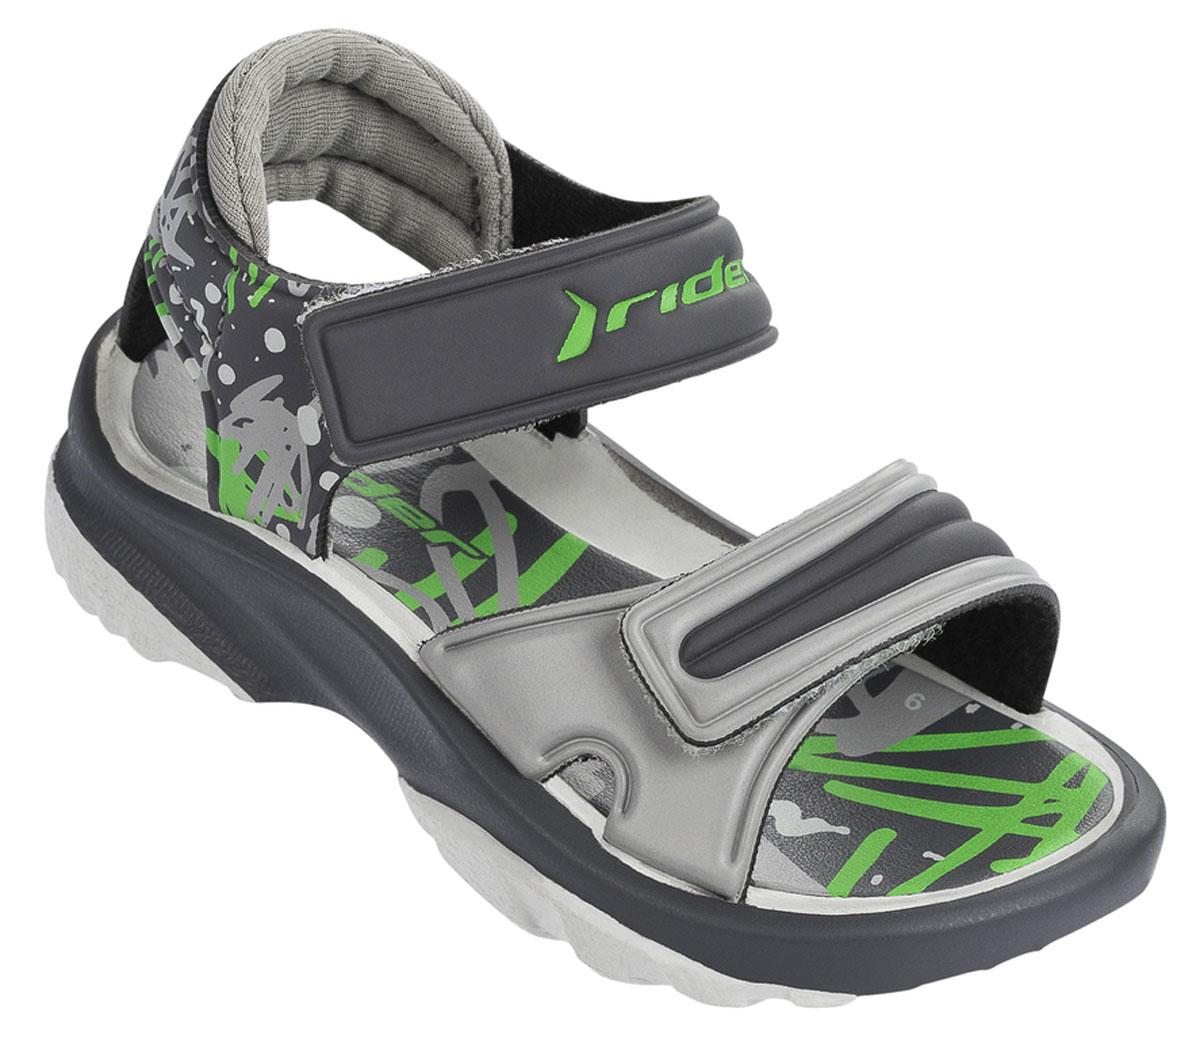 Сланцы детские Rider K2 Twist Vi Baby, цвет: темно-серый, светло-серый. 81912-20996. Размер 22 (23)81912-20996Стильные детские сандалии K2 Twist Vi Baby от Rider выполнены из ЭВА материала. Ремешки с застежками-липучками отвечают за надежную фиксацию модели на ножке вашего ребенка. Стелька из материала ЭВА для максимального комфорта и амортизации. Гибкая подошва дополнена рифлением.